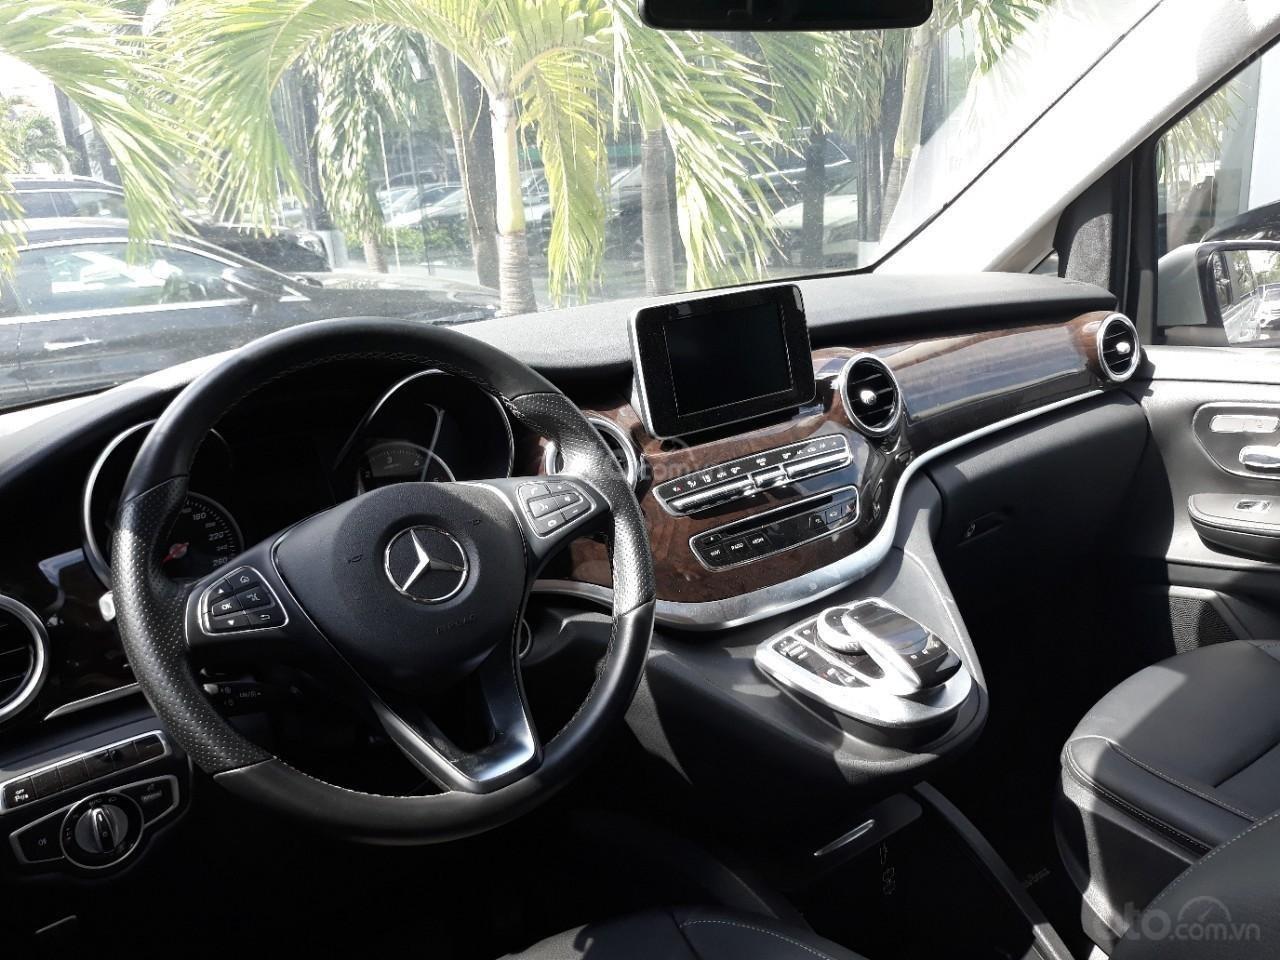 Bán xe Mercedes-Benz V Class 250 đời 2017, màu xám, nhập khẩu nguyên chiếc (6)